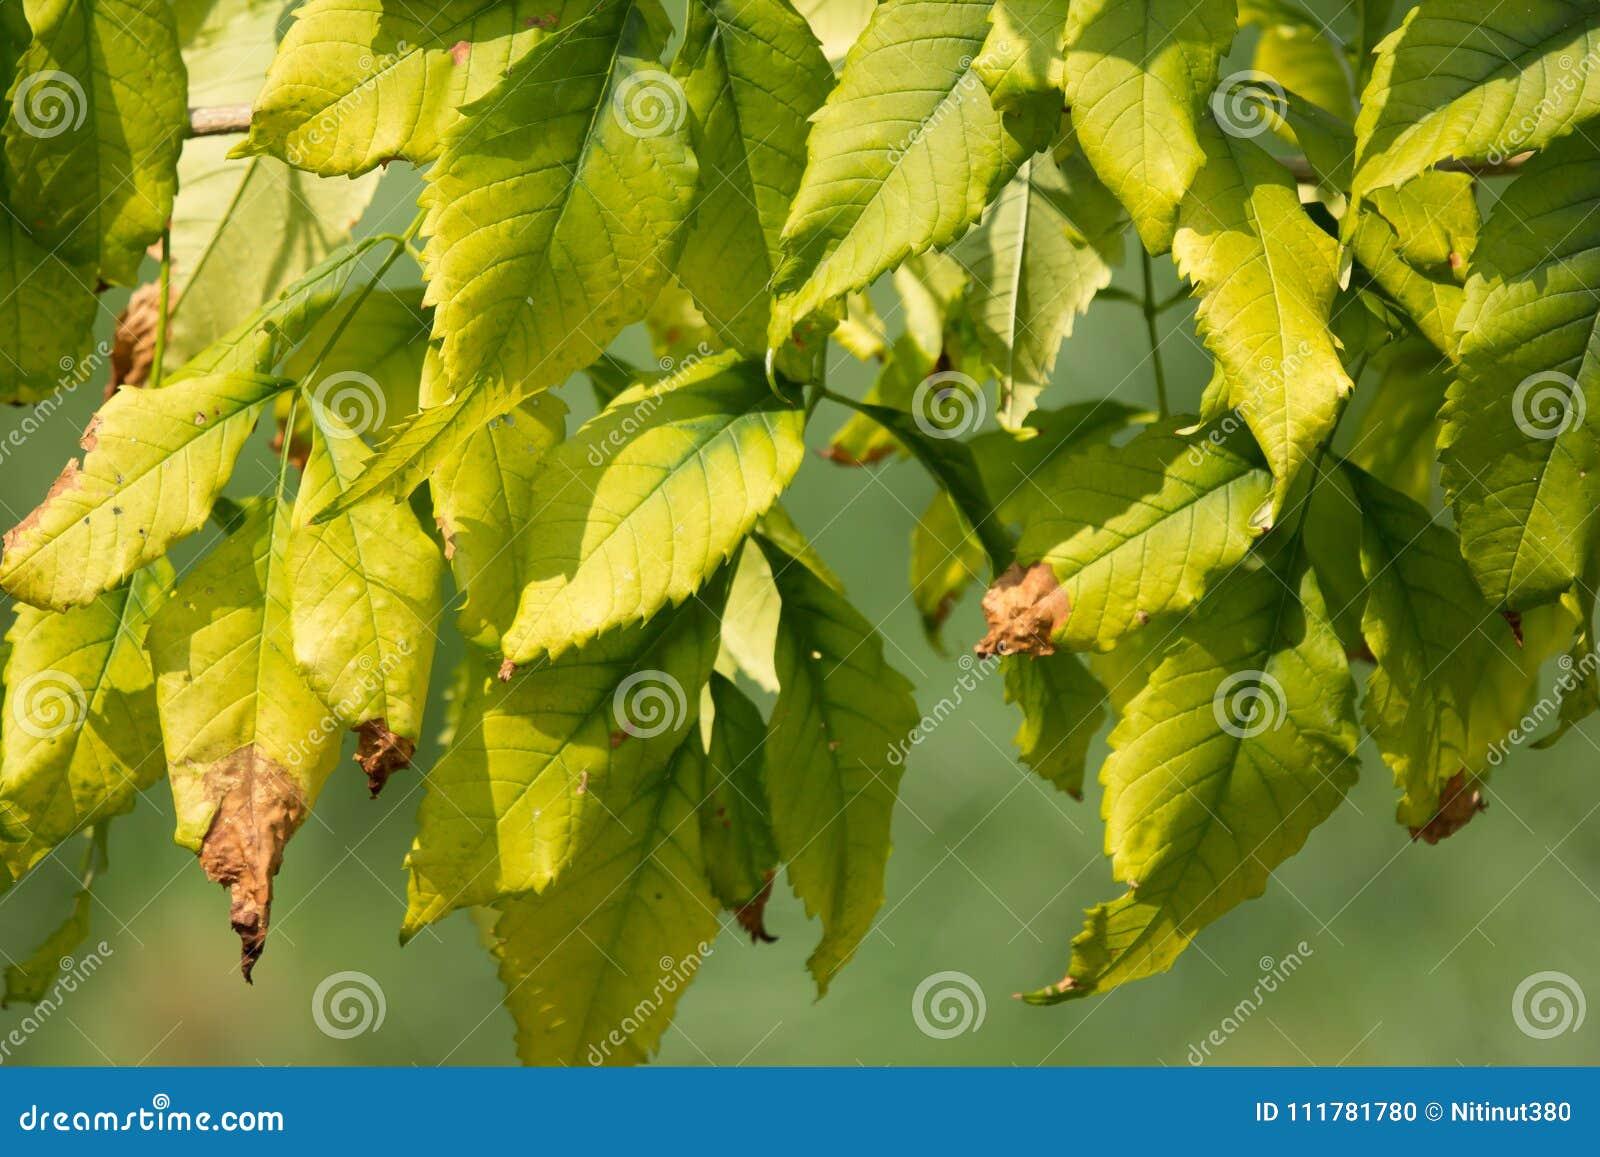 Zakończenie up Zielony liść Żółty starsza osoba kwiat